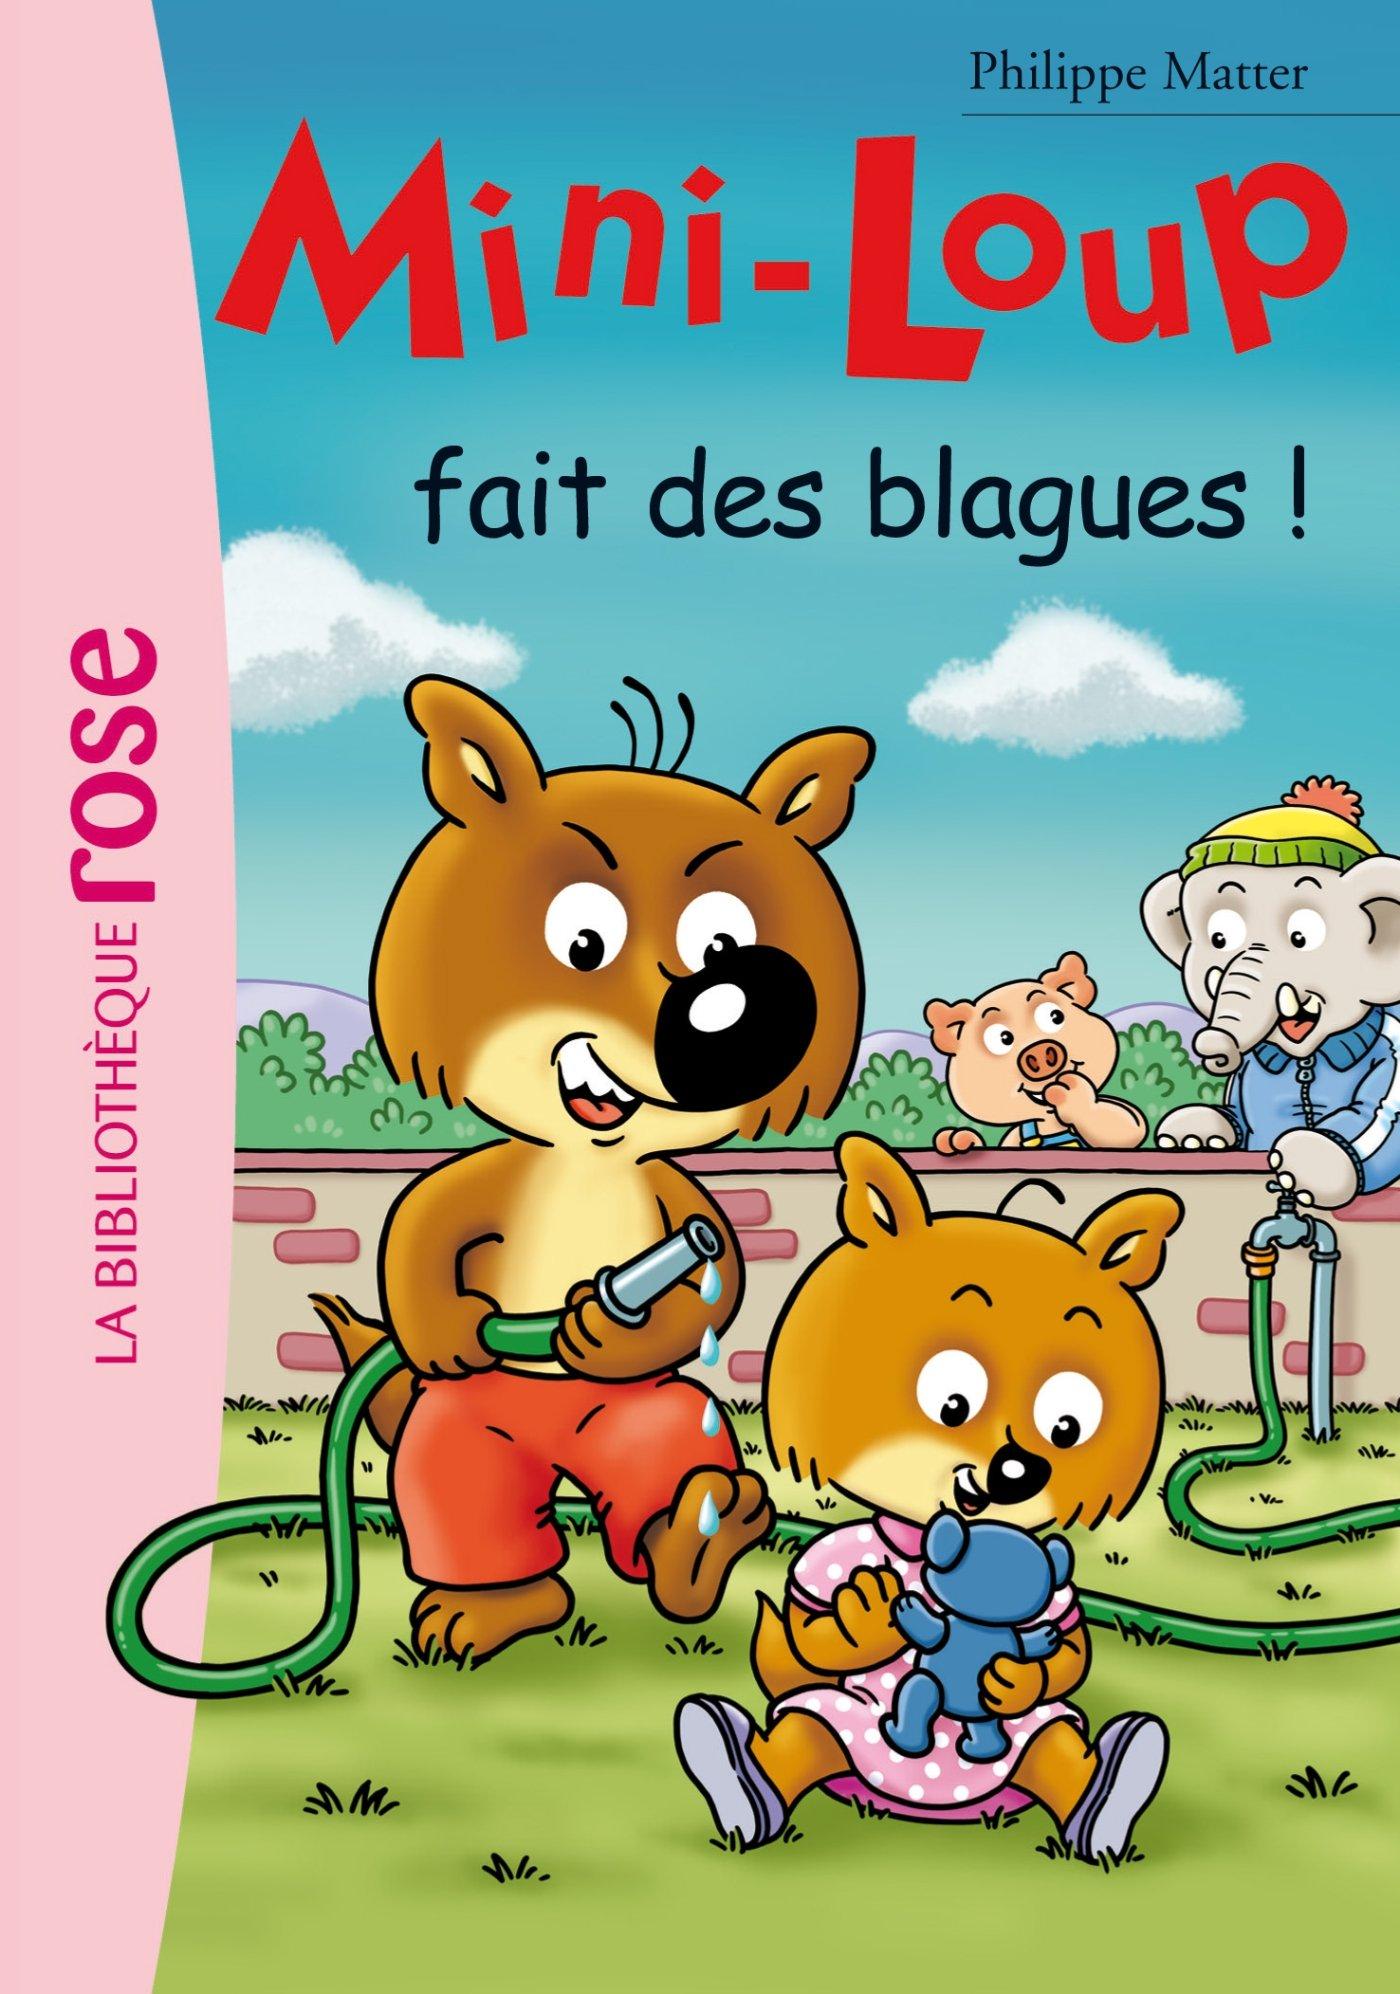 Mini-Loup 20 - Mini-Loup fait des blagues Poche – 26 juin 2013 Philippe Matter Hachette Jeunesse 201203960X Fiction Jeunesse